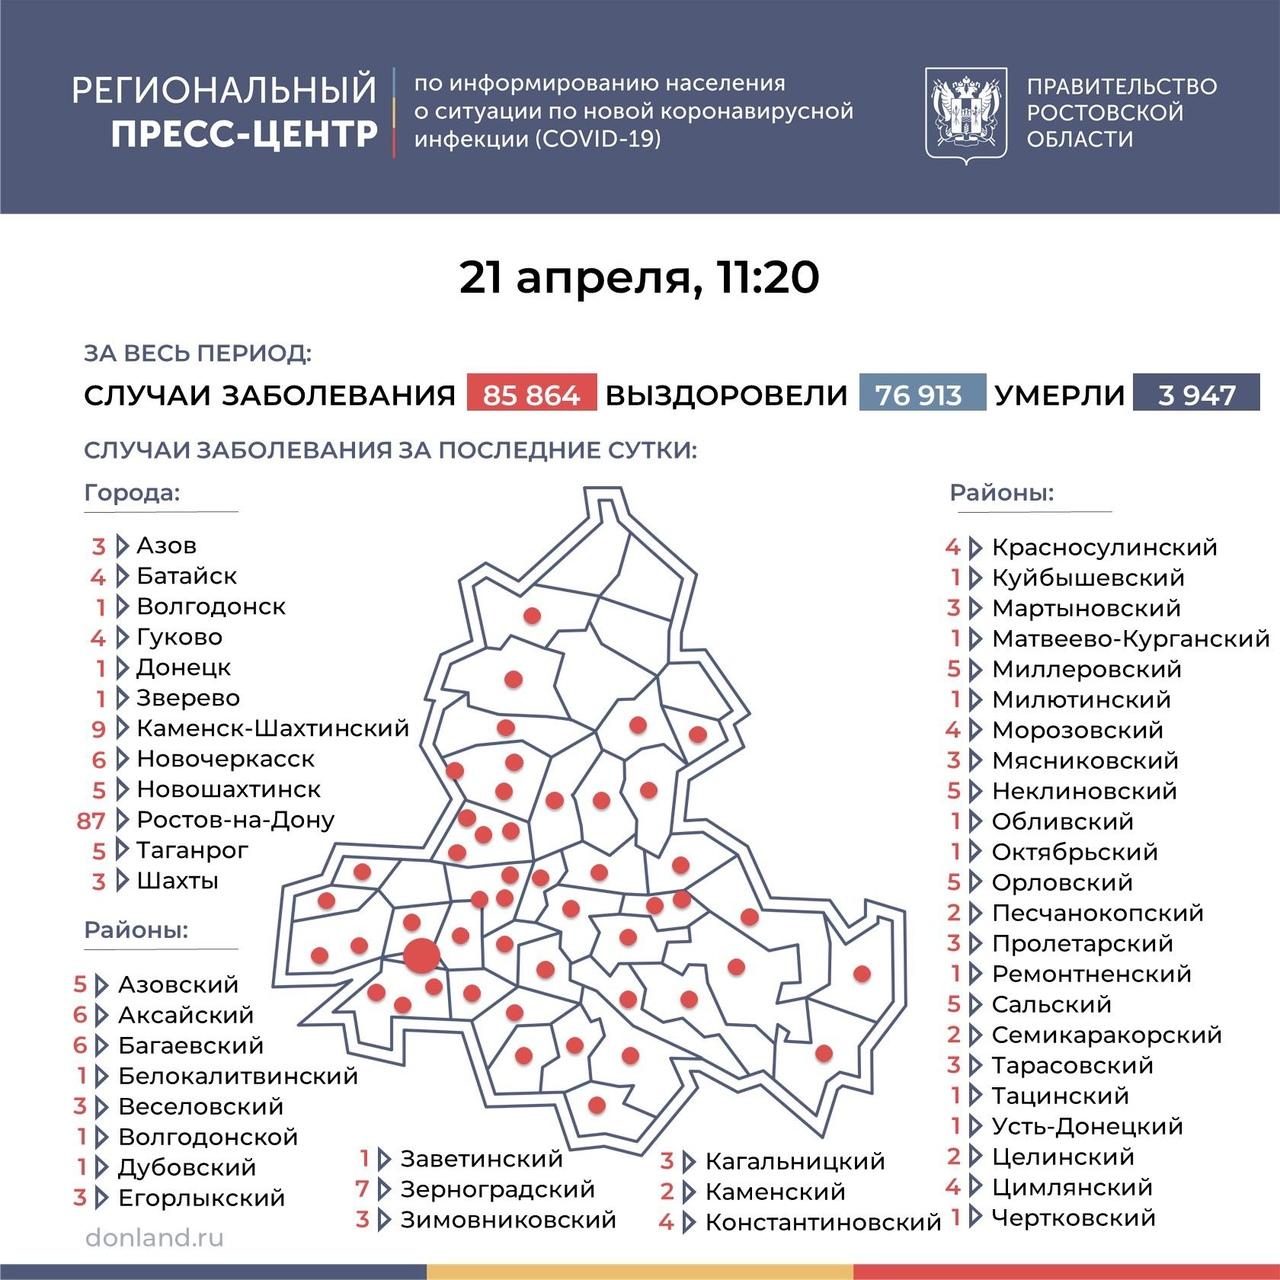 На Дону число инфицированных COVID-19 составляет 234, в Таганроге 5 новых случаев